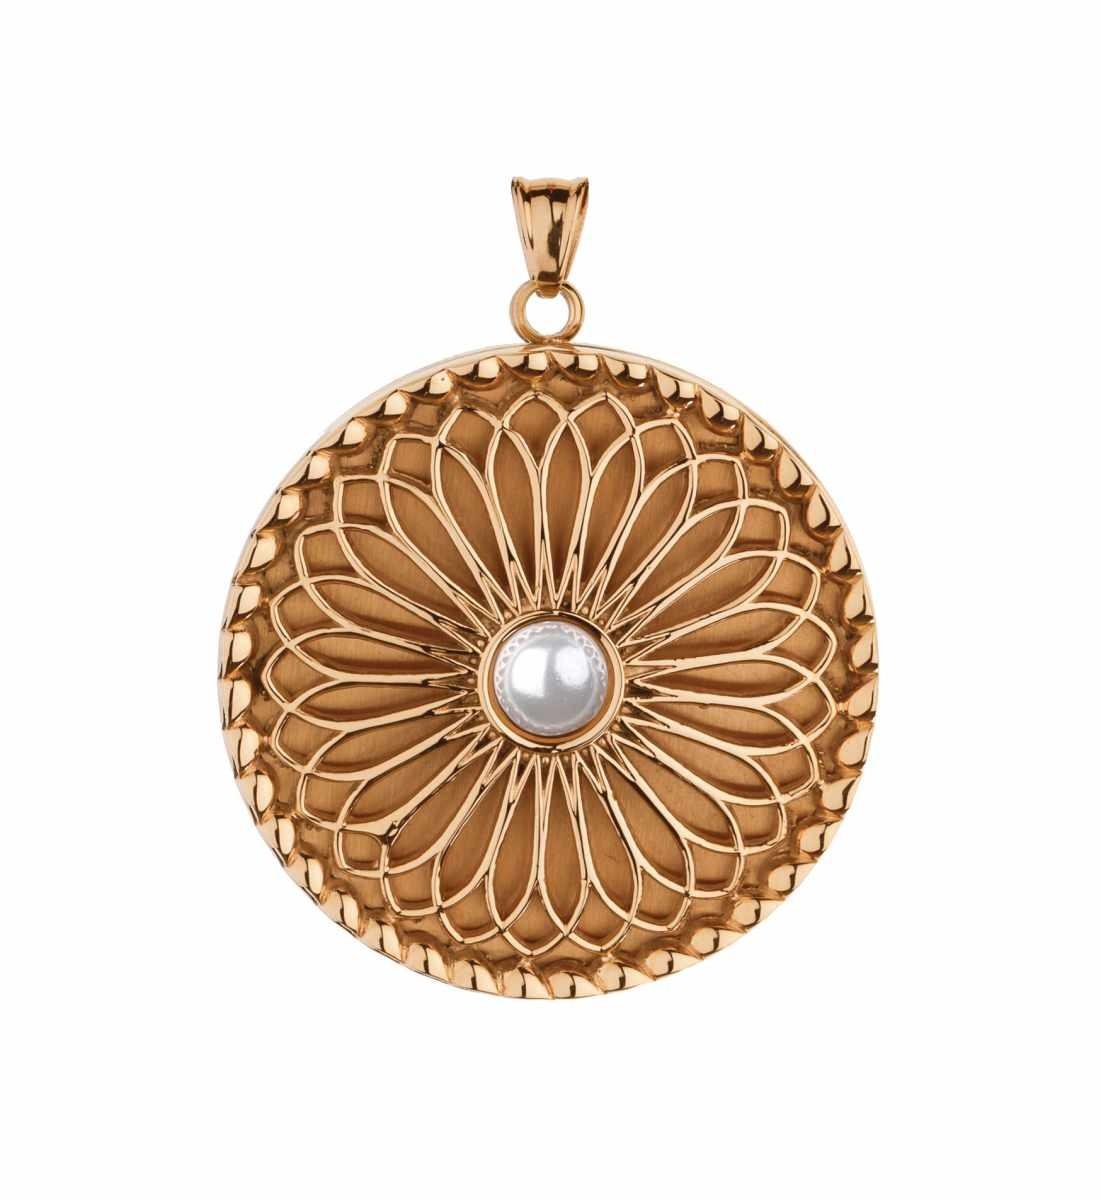 Traumfänger, Glücksanhänger - MEDAILLON mit PERLE - 3,5cm - Gold